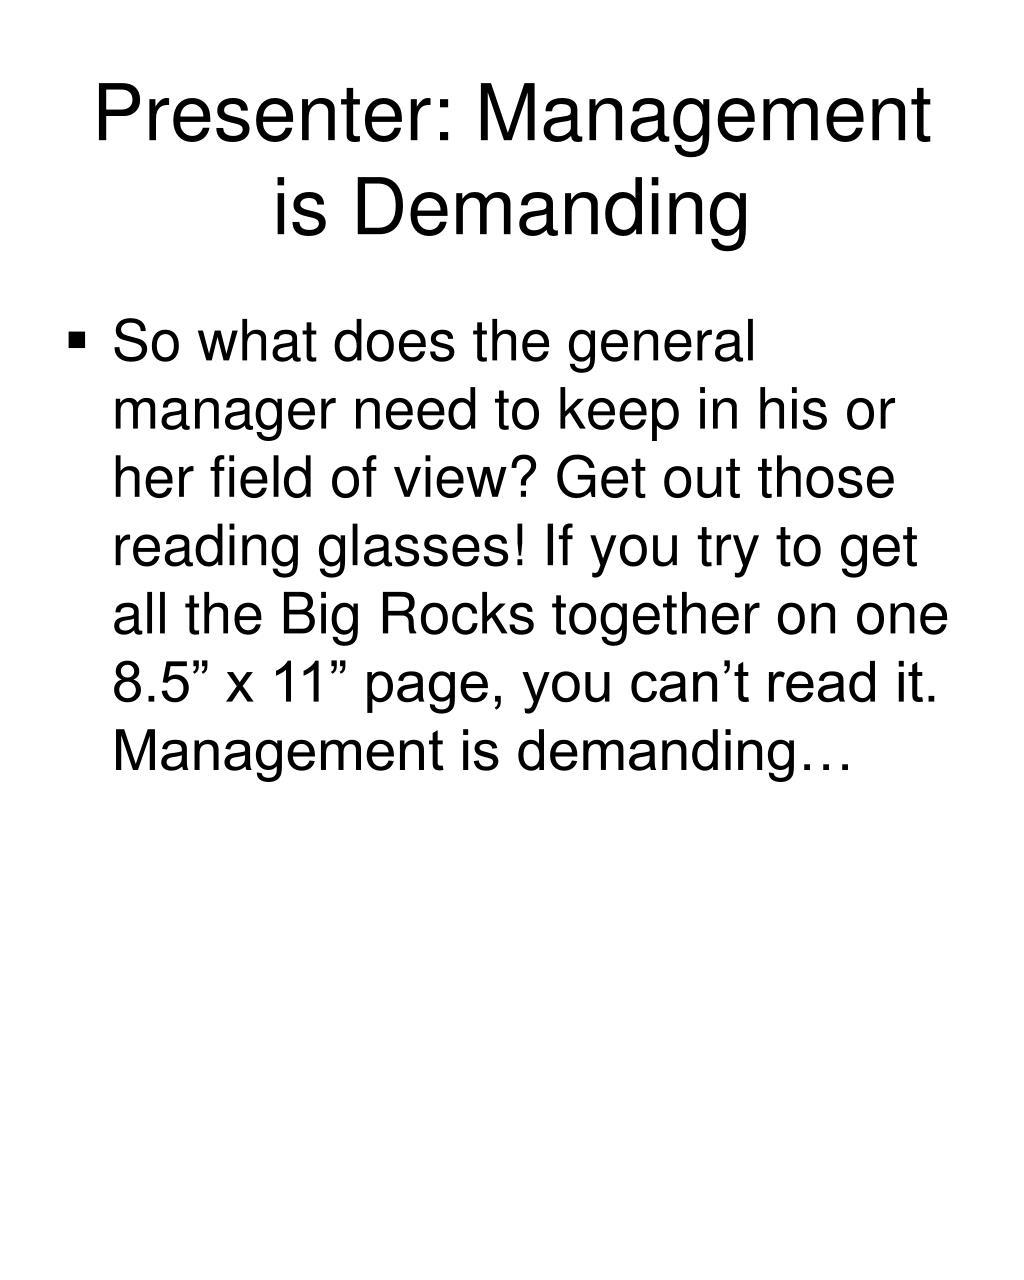 Presenter: Management is Demanding